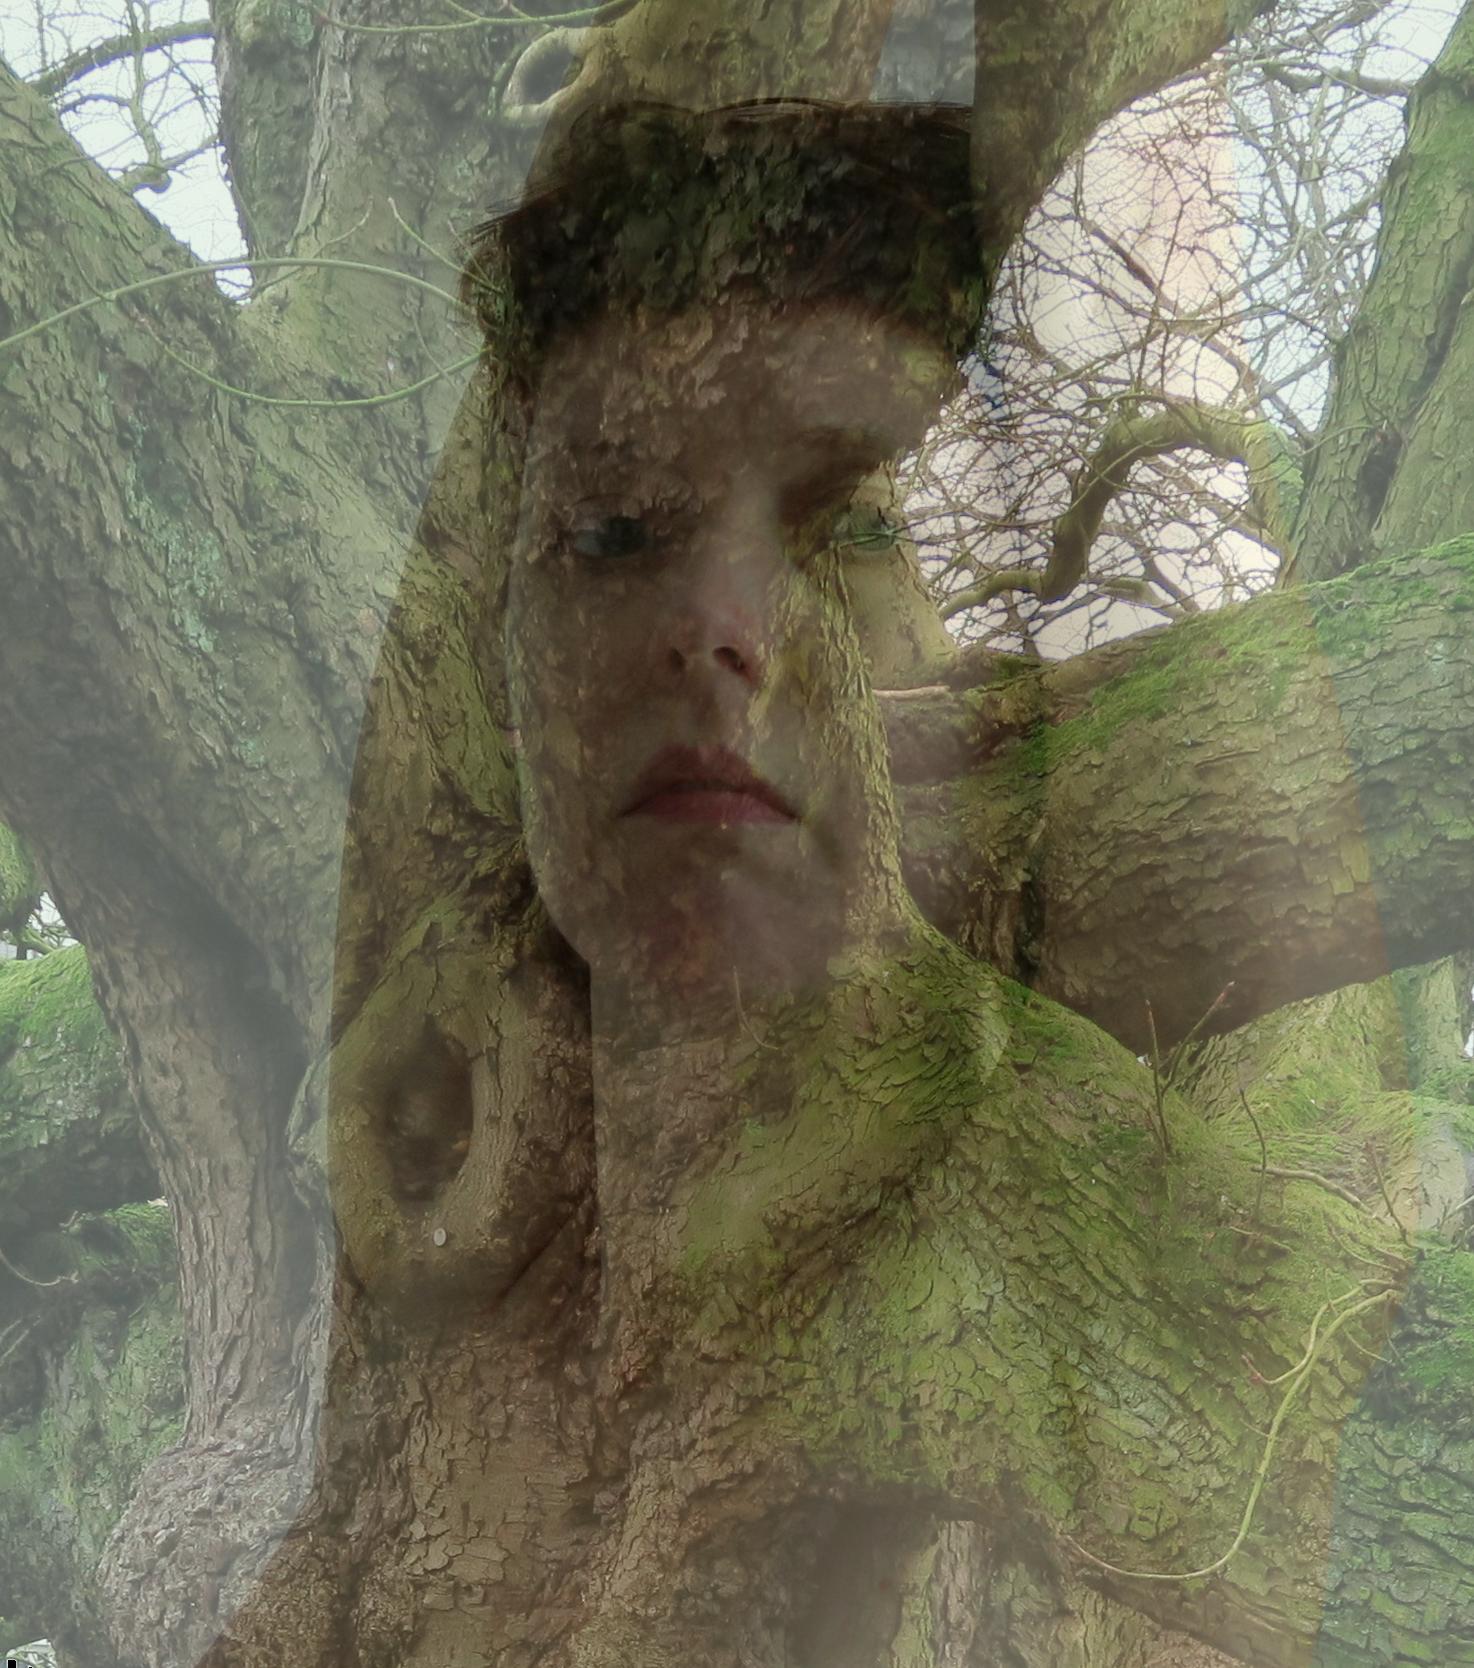 de_tail-celine-arbre-1516876890.png